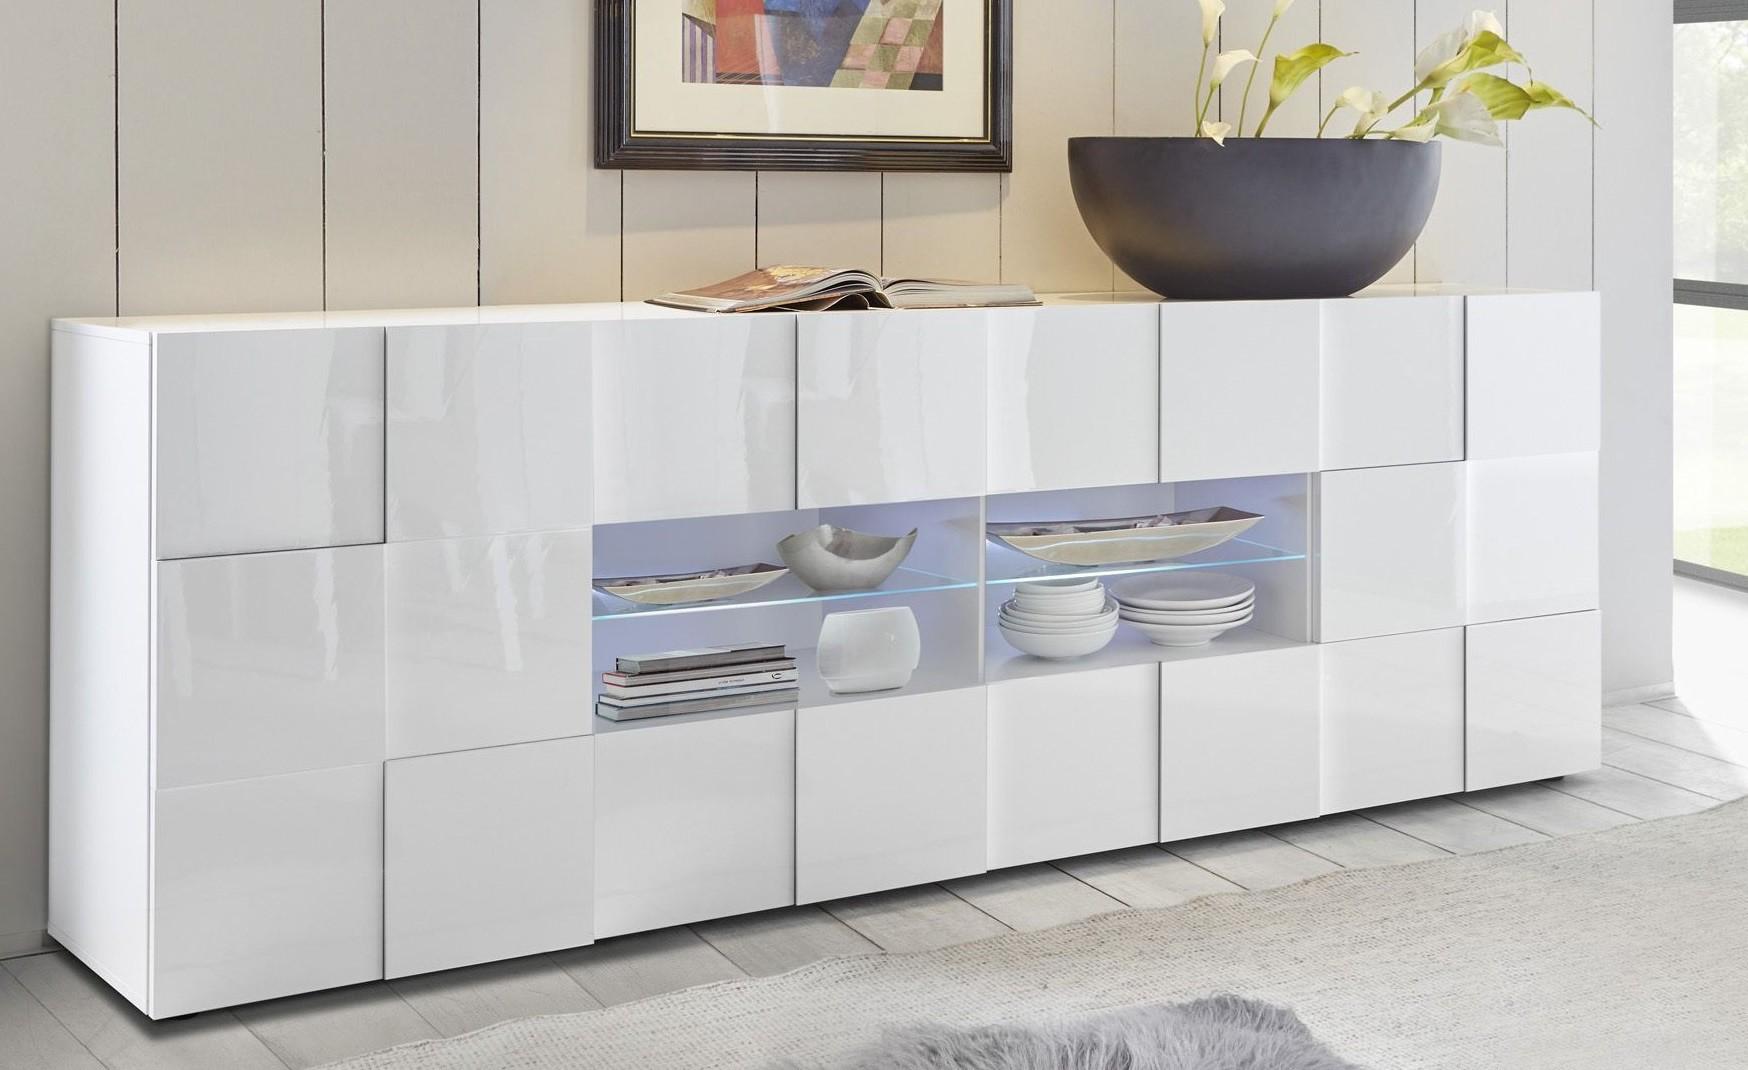 Bahut Moderne Blanc Brillant Dimensions Lhp 241x84x42 A Prix Discount # Meuble Bas Vitre Laque Blanc